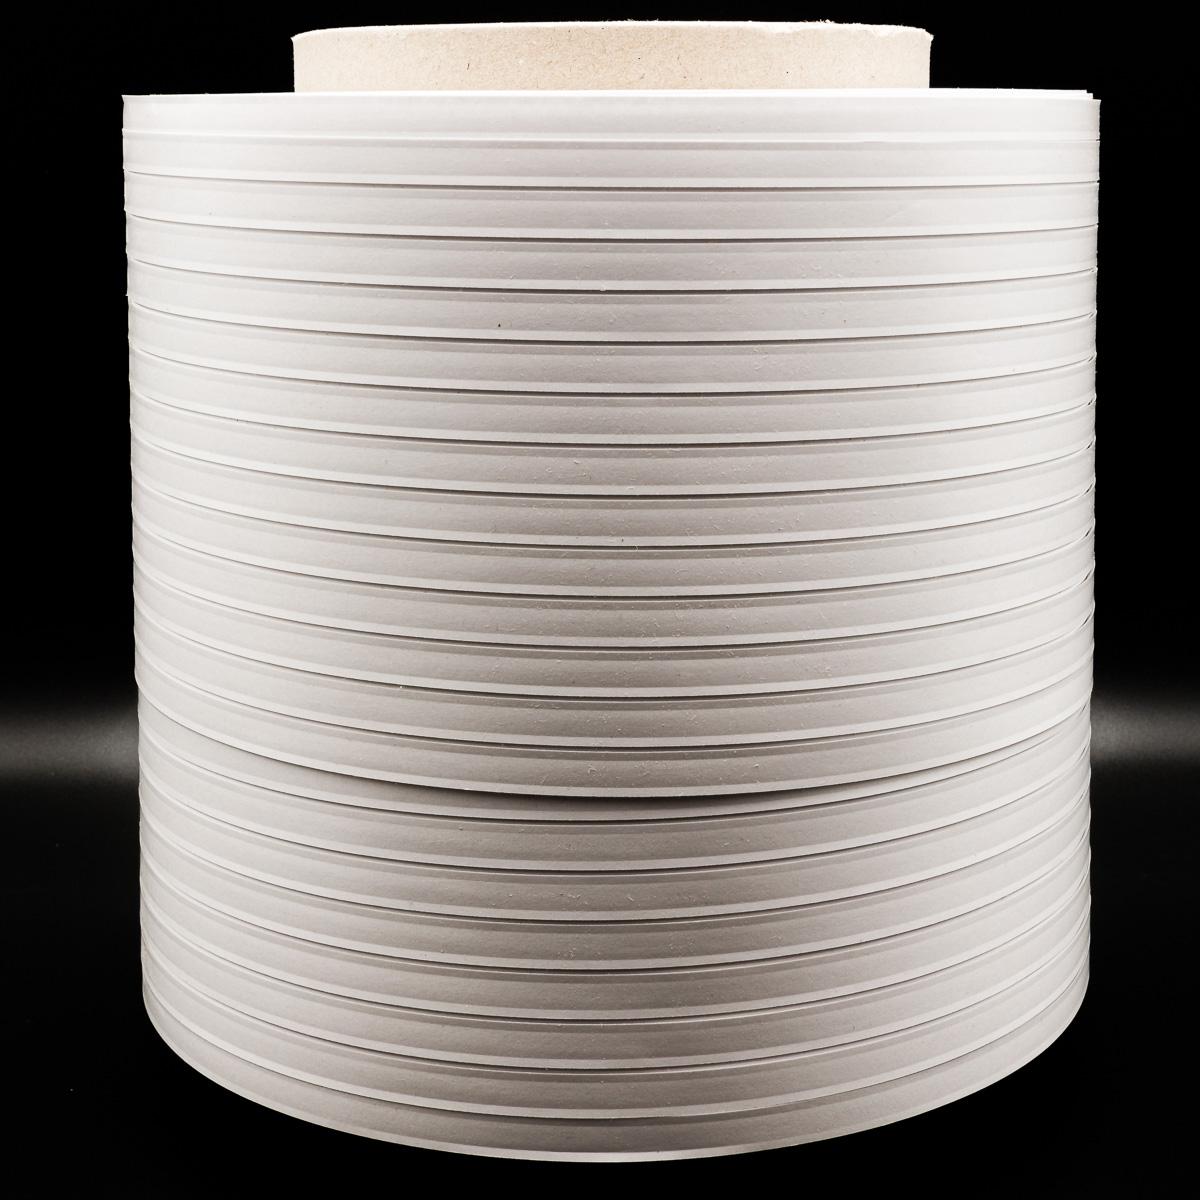 bobbin of adhesive tape